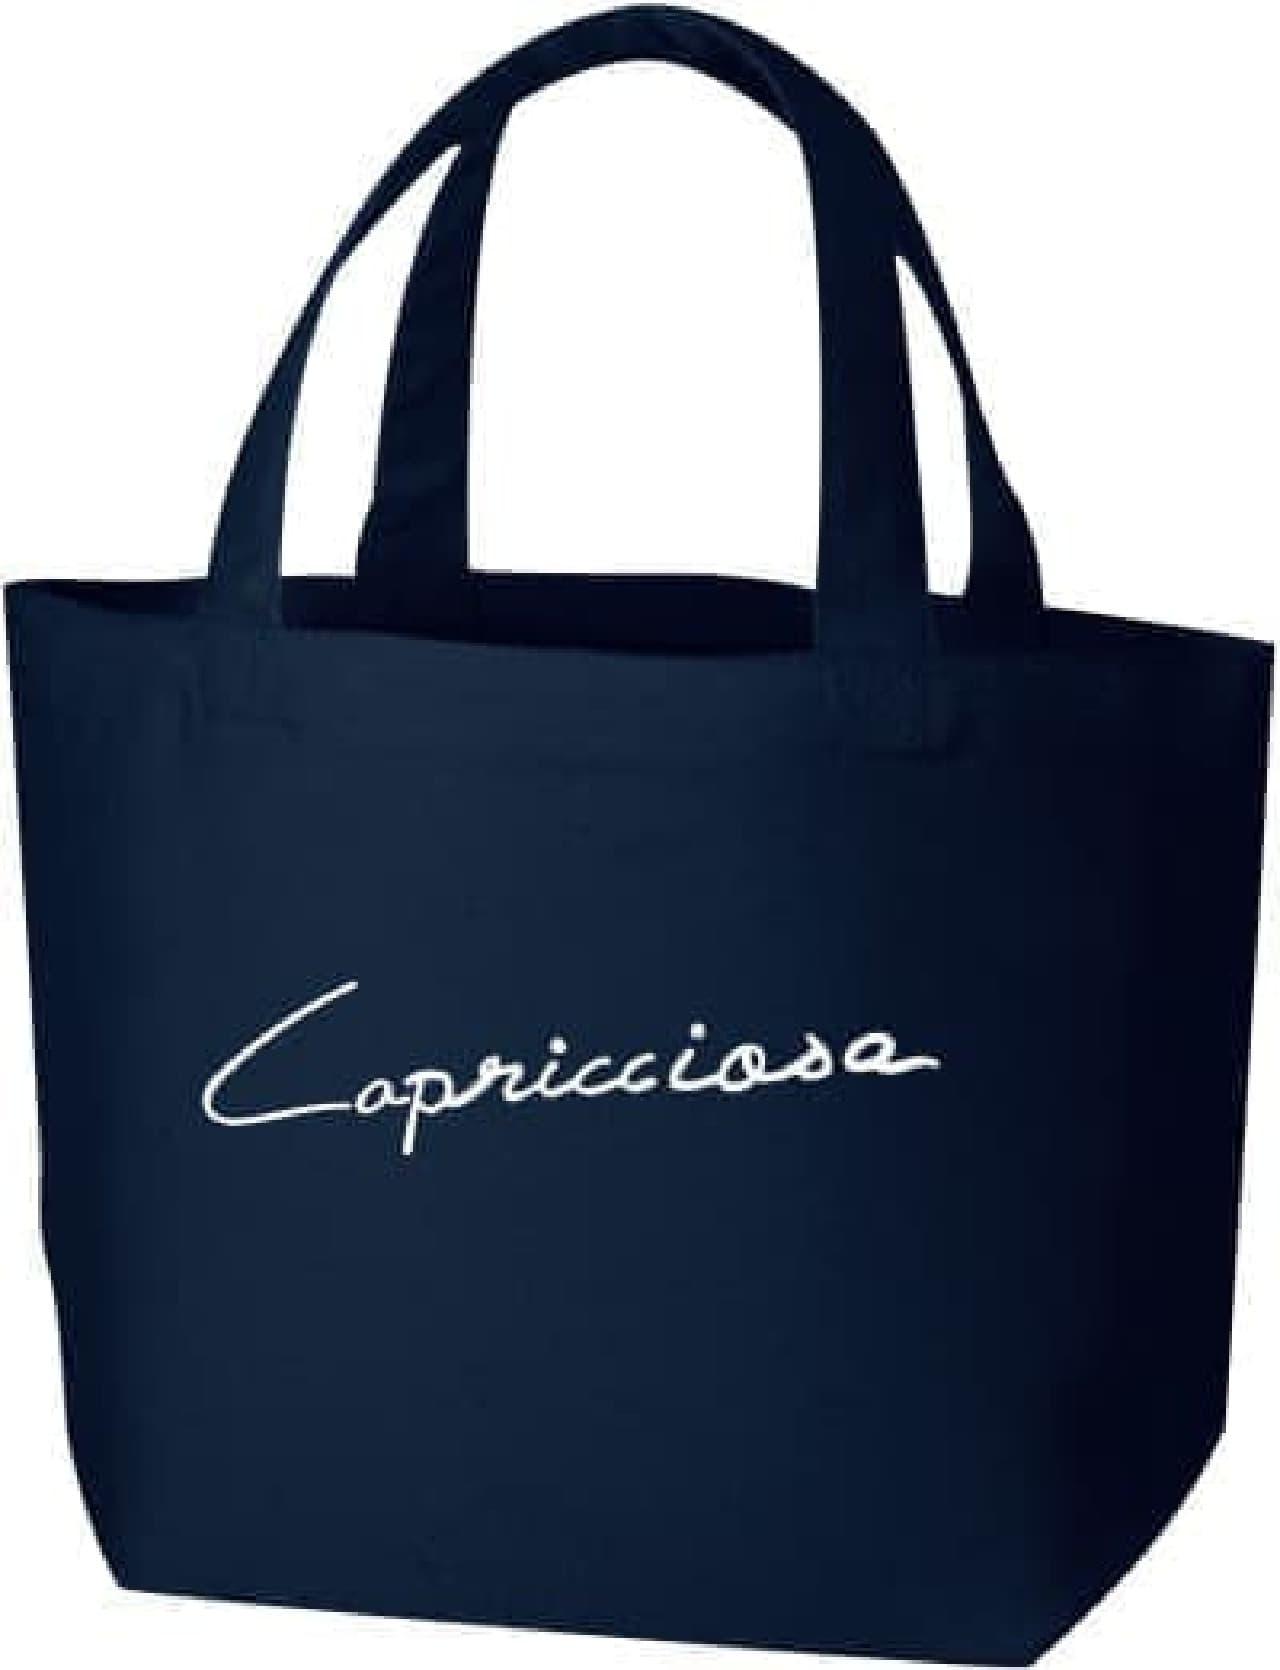 カプリチョーザの2018年福袋